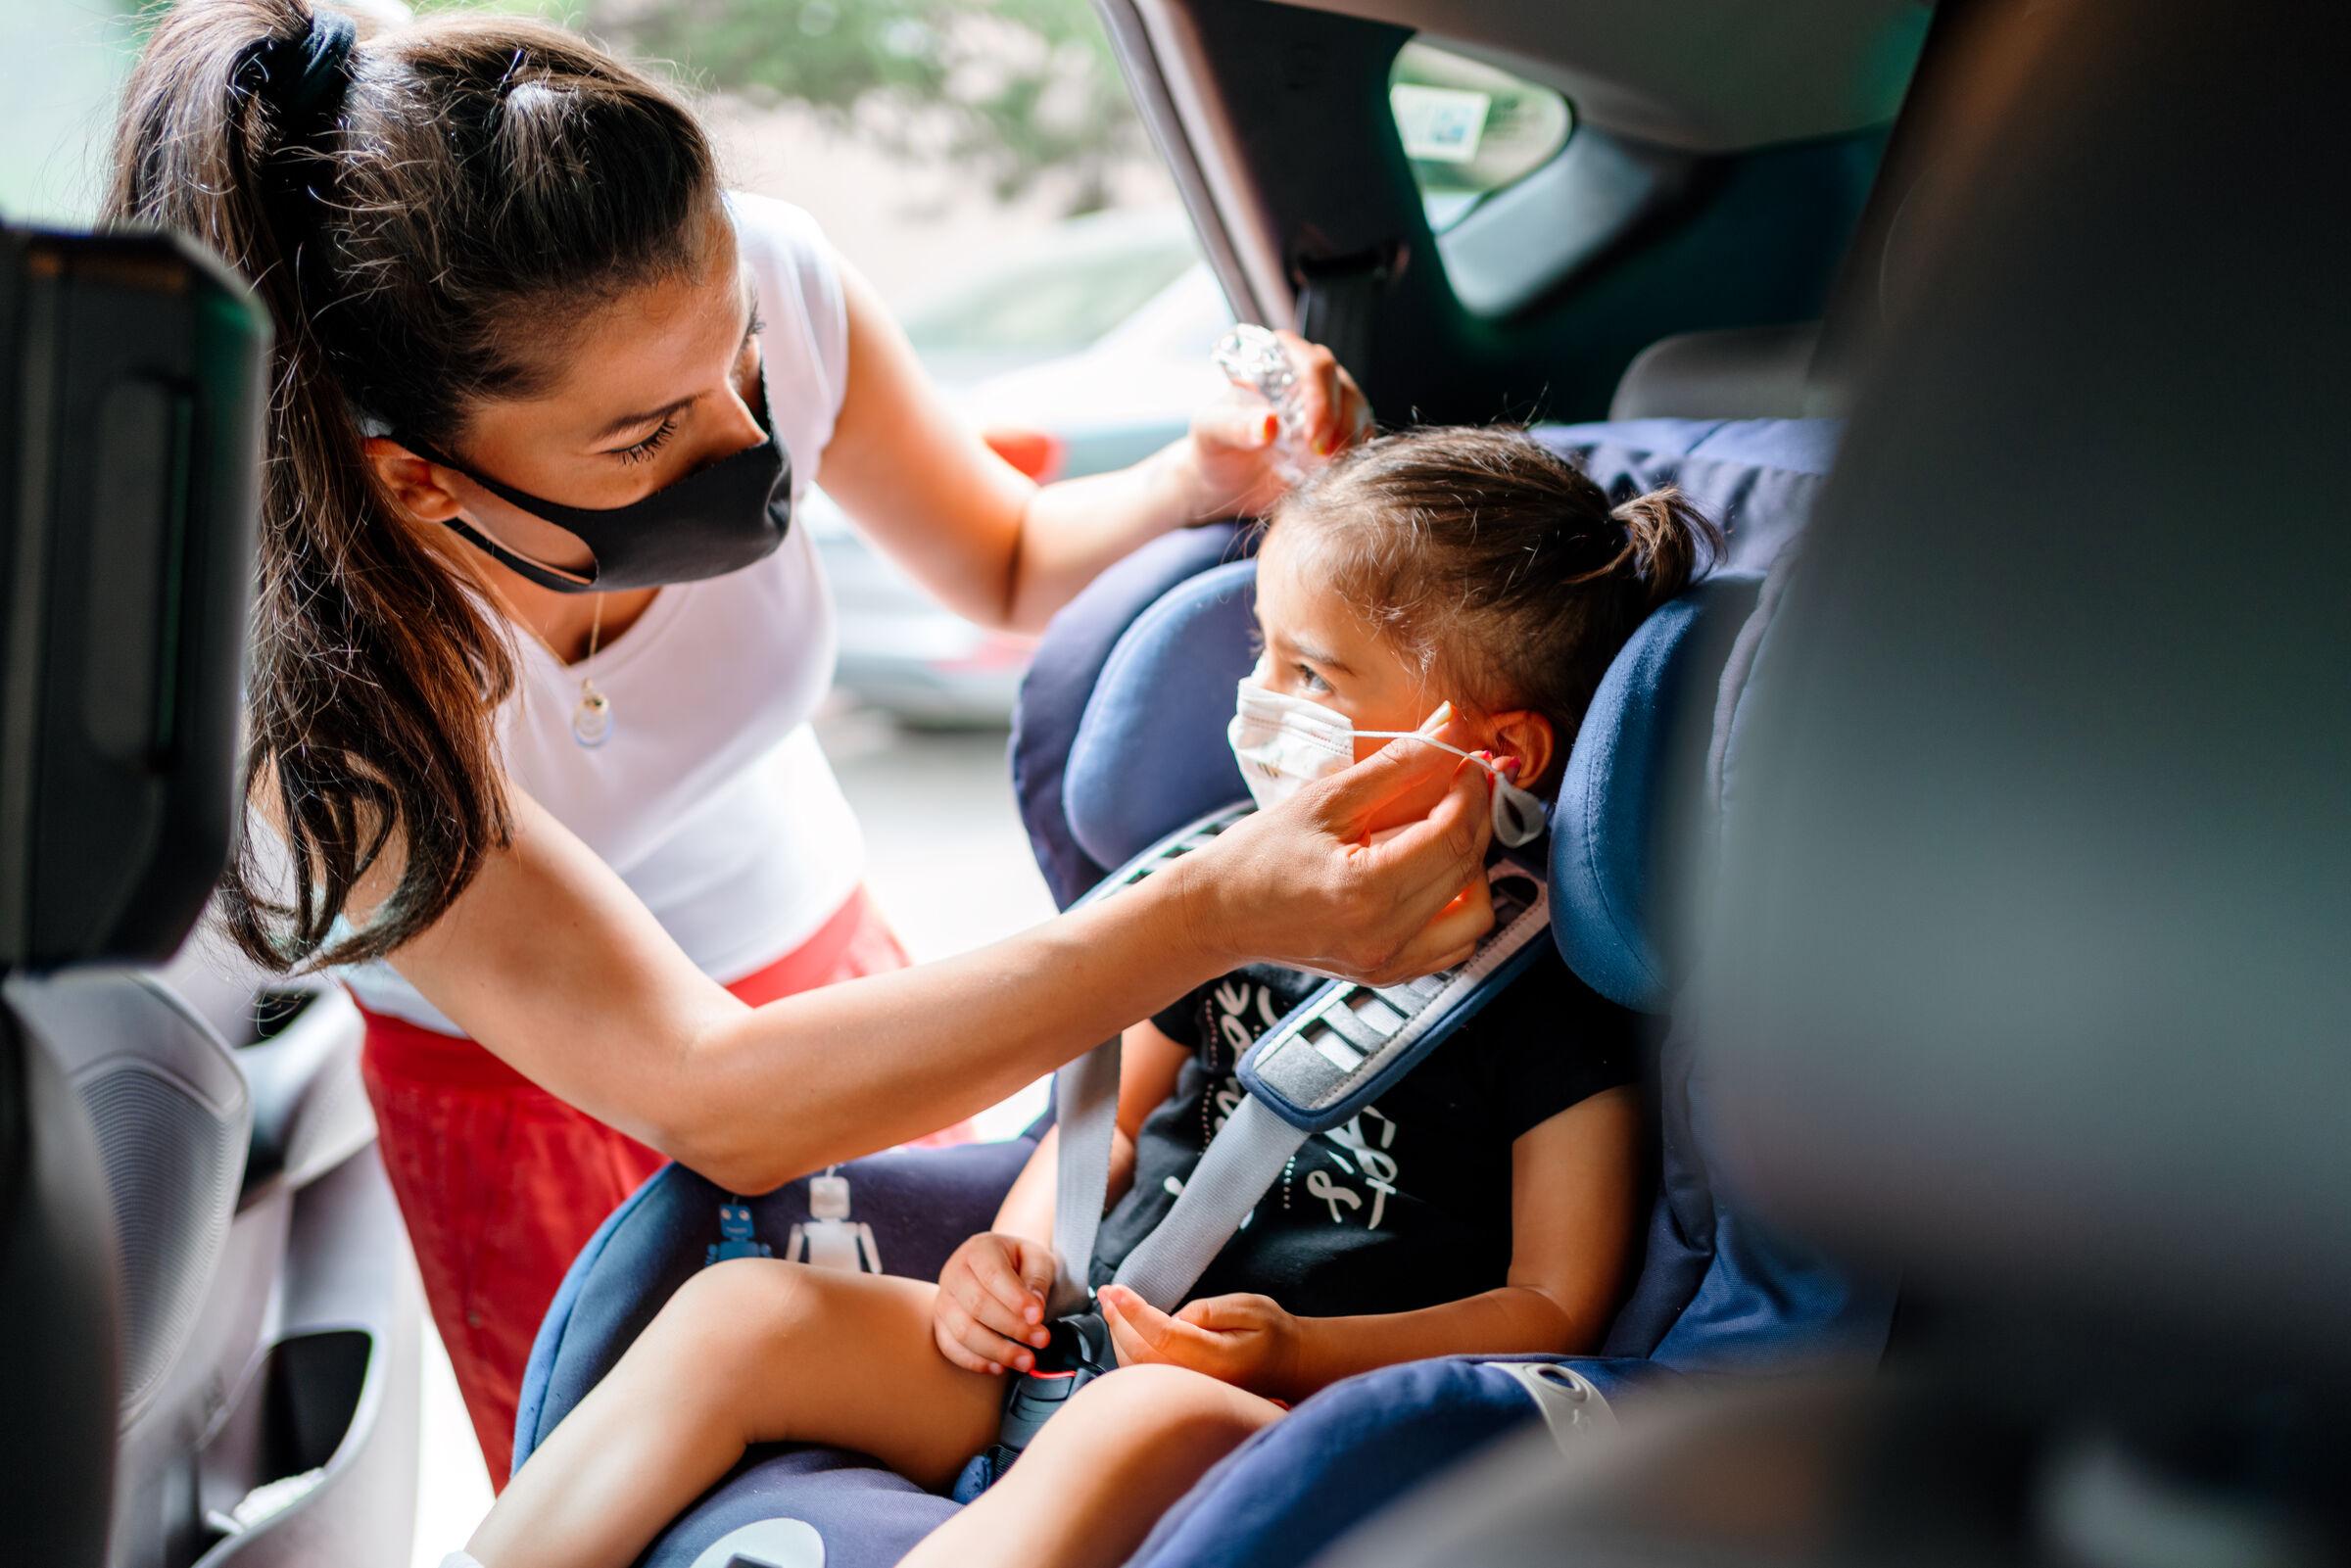 Mãe-colocando-mascara-na-filha-dentro-do-carro